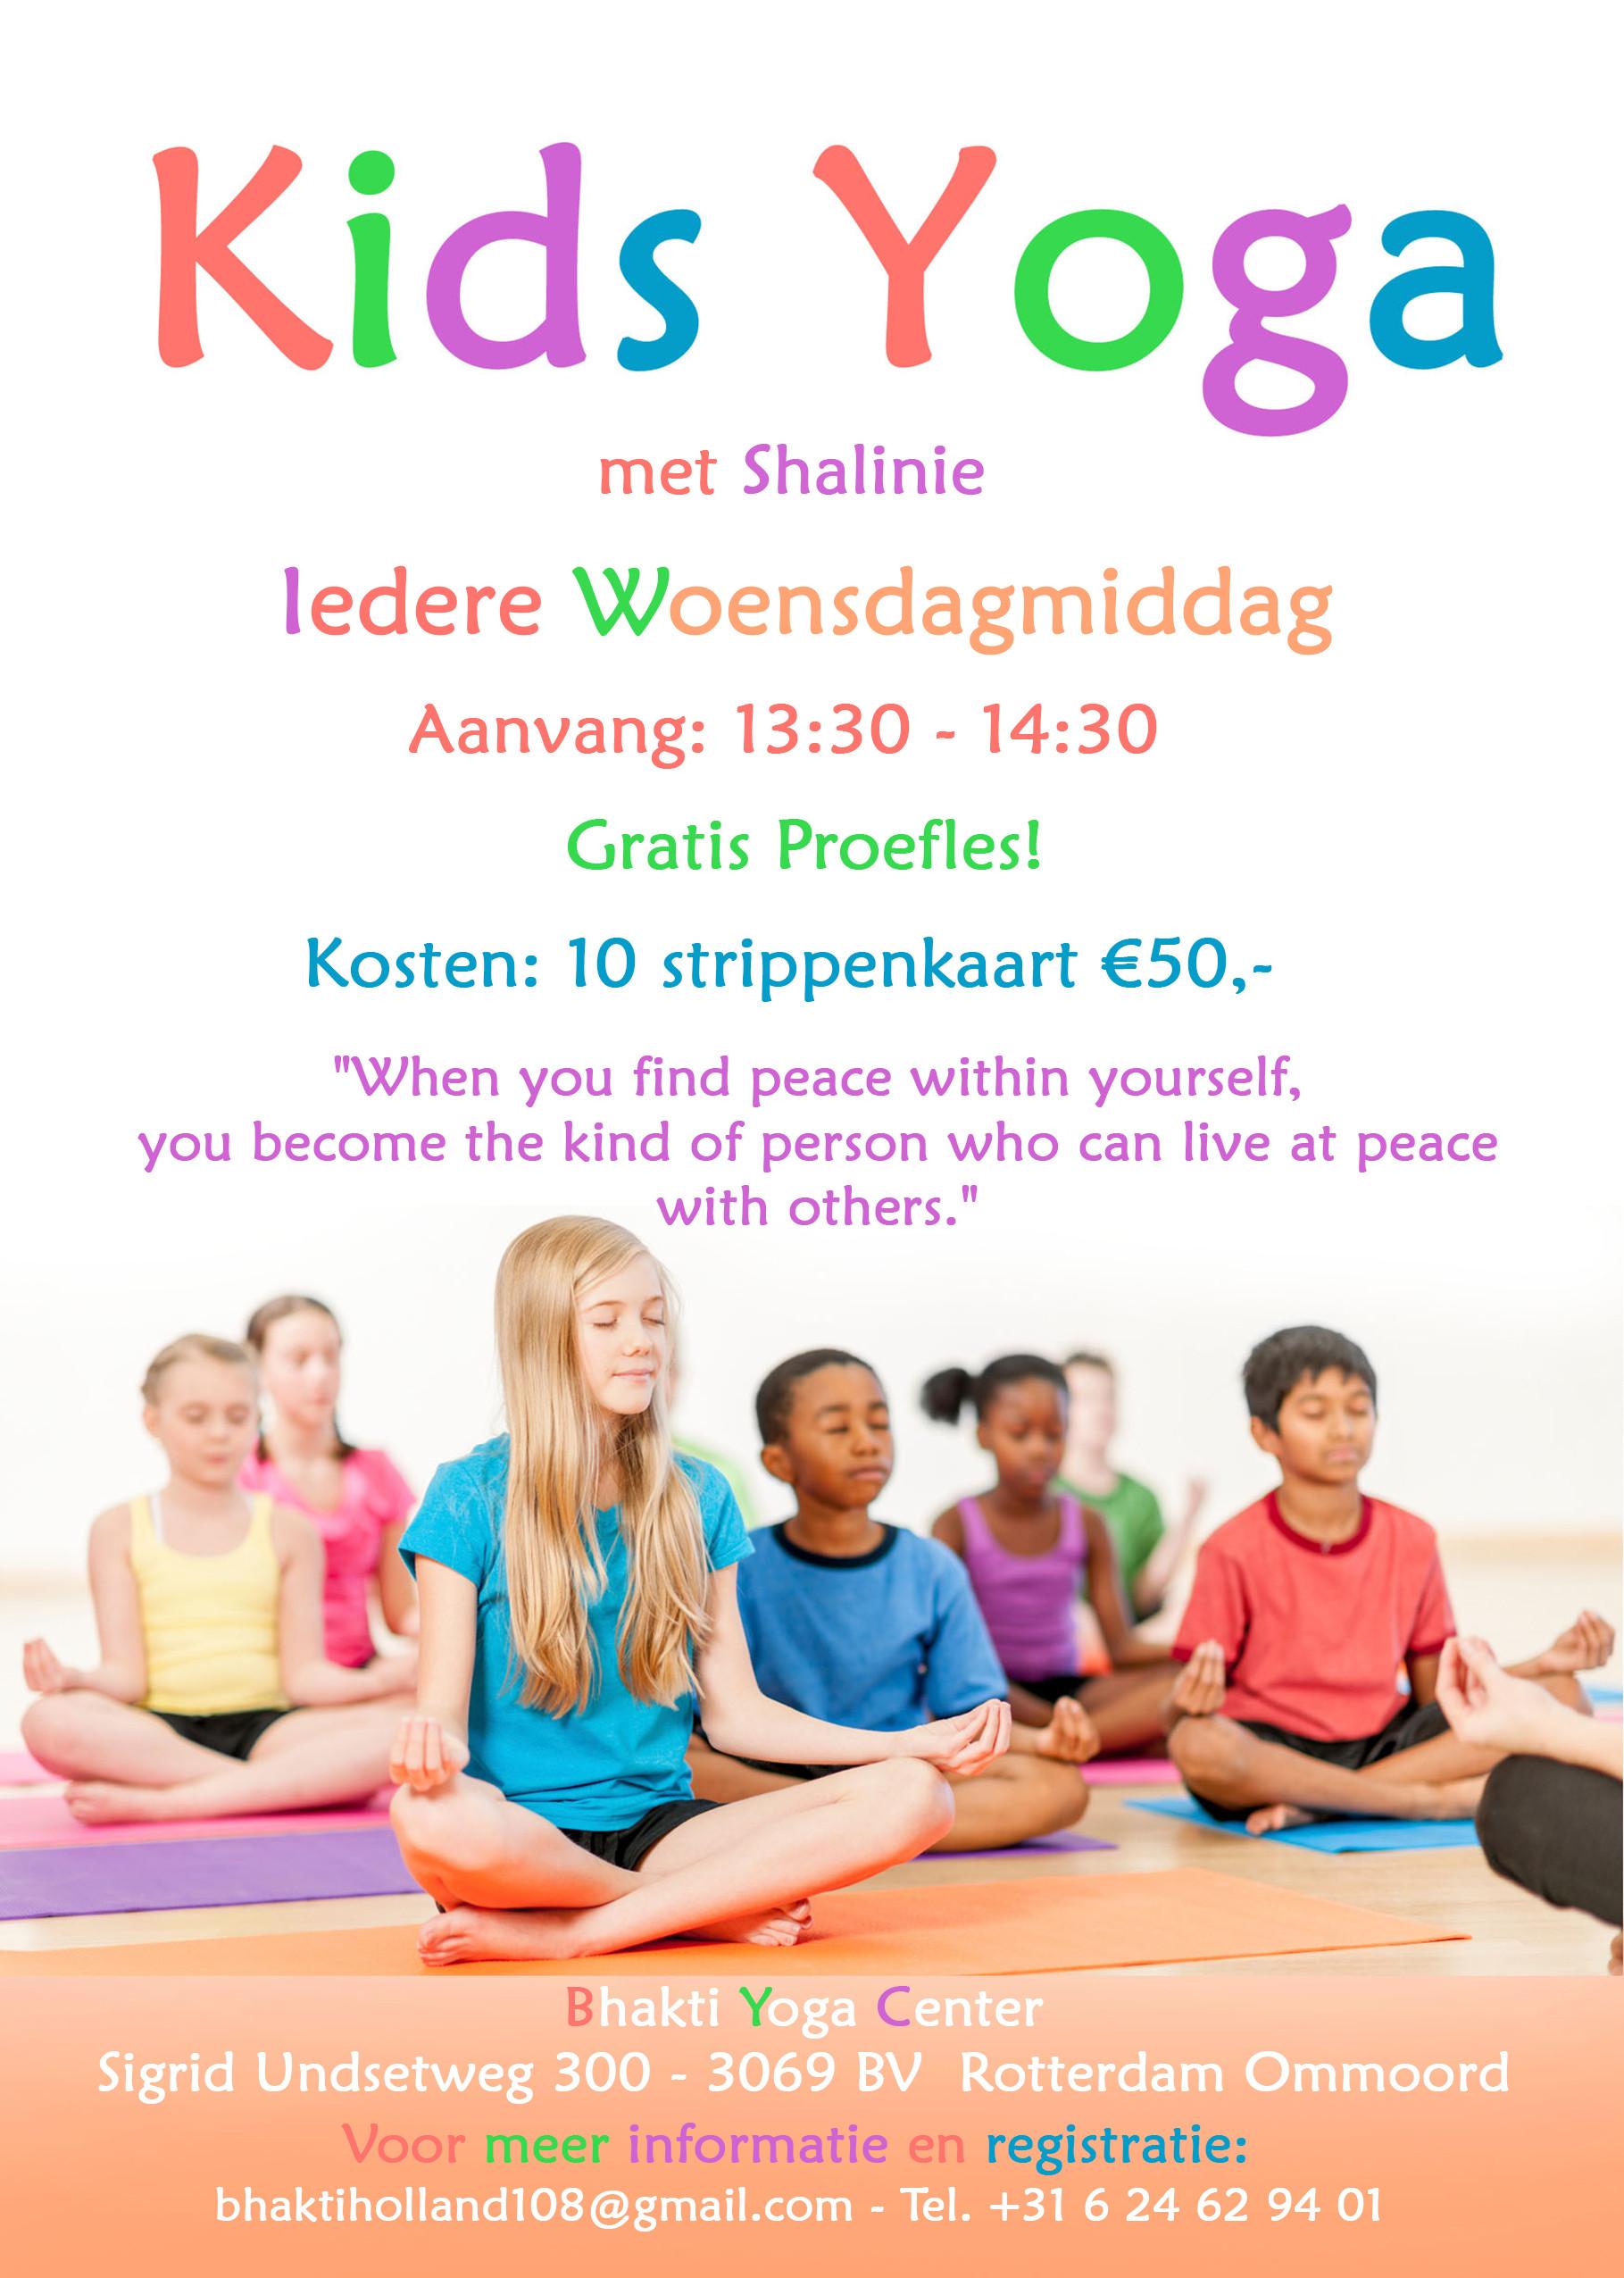 Kids Yoga Quotes  Yoga Quotes bhaktiyogacenter